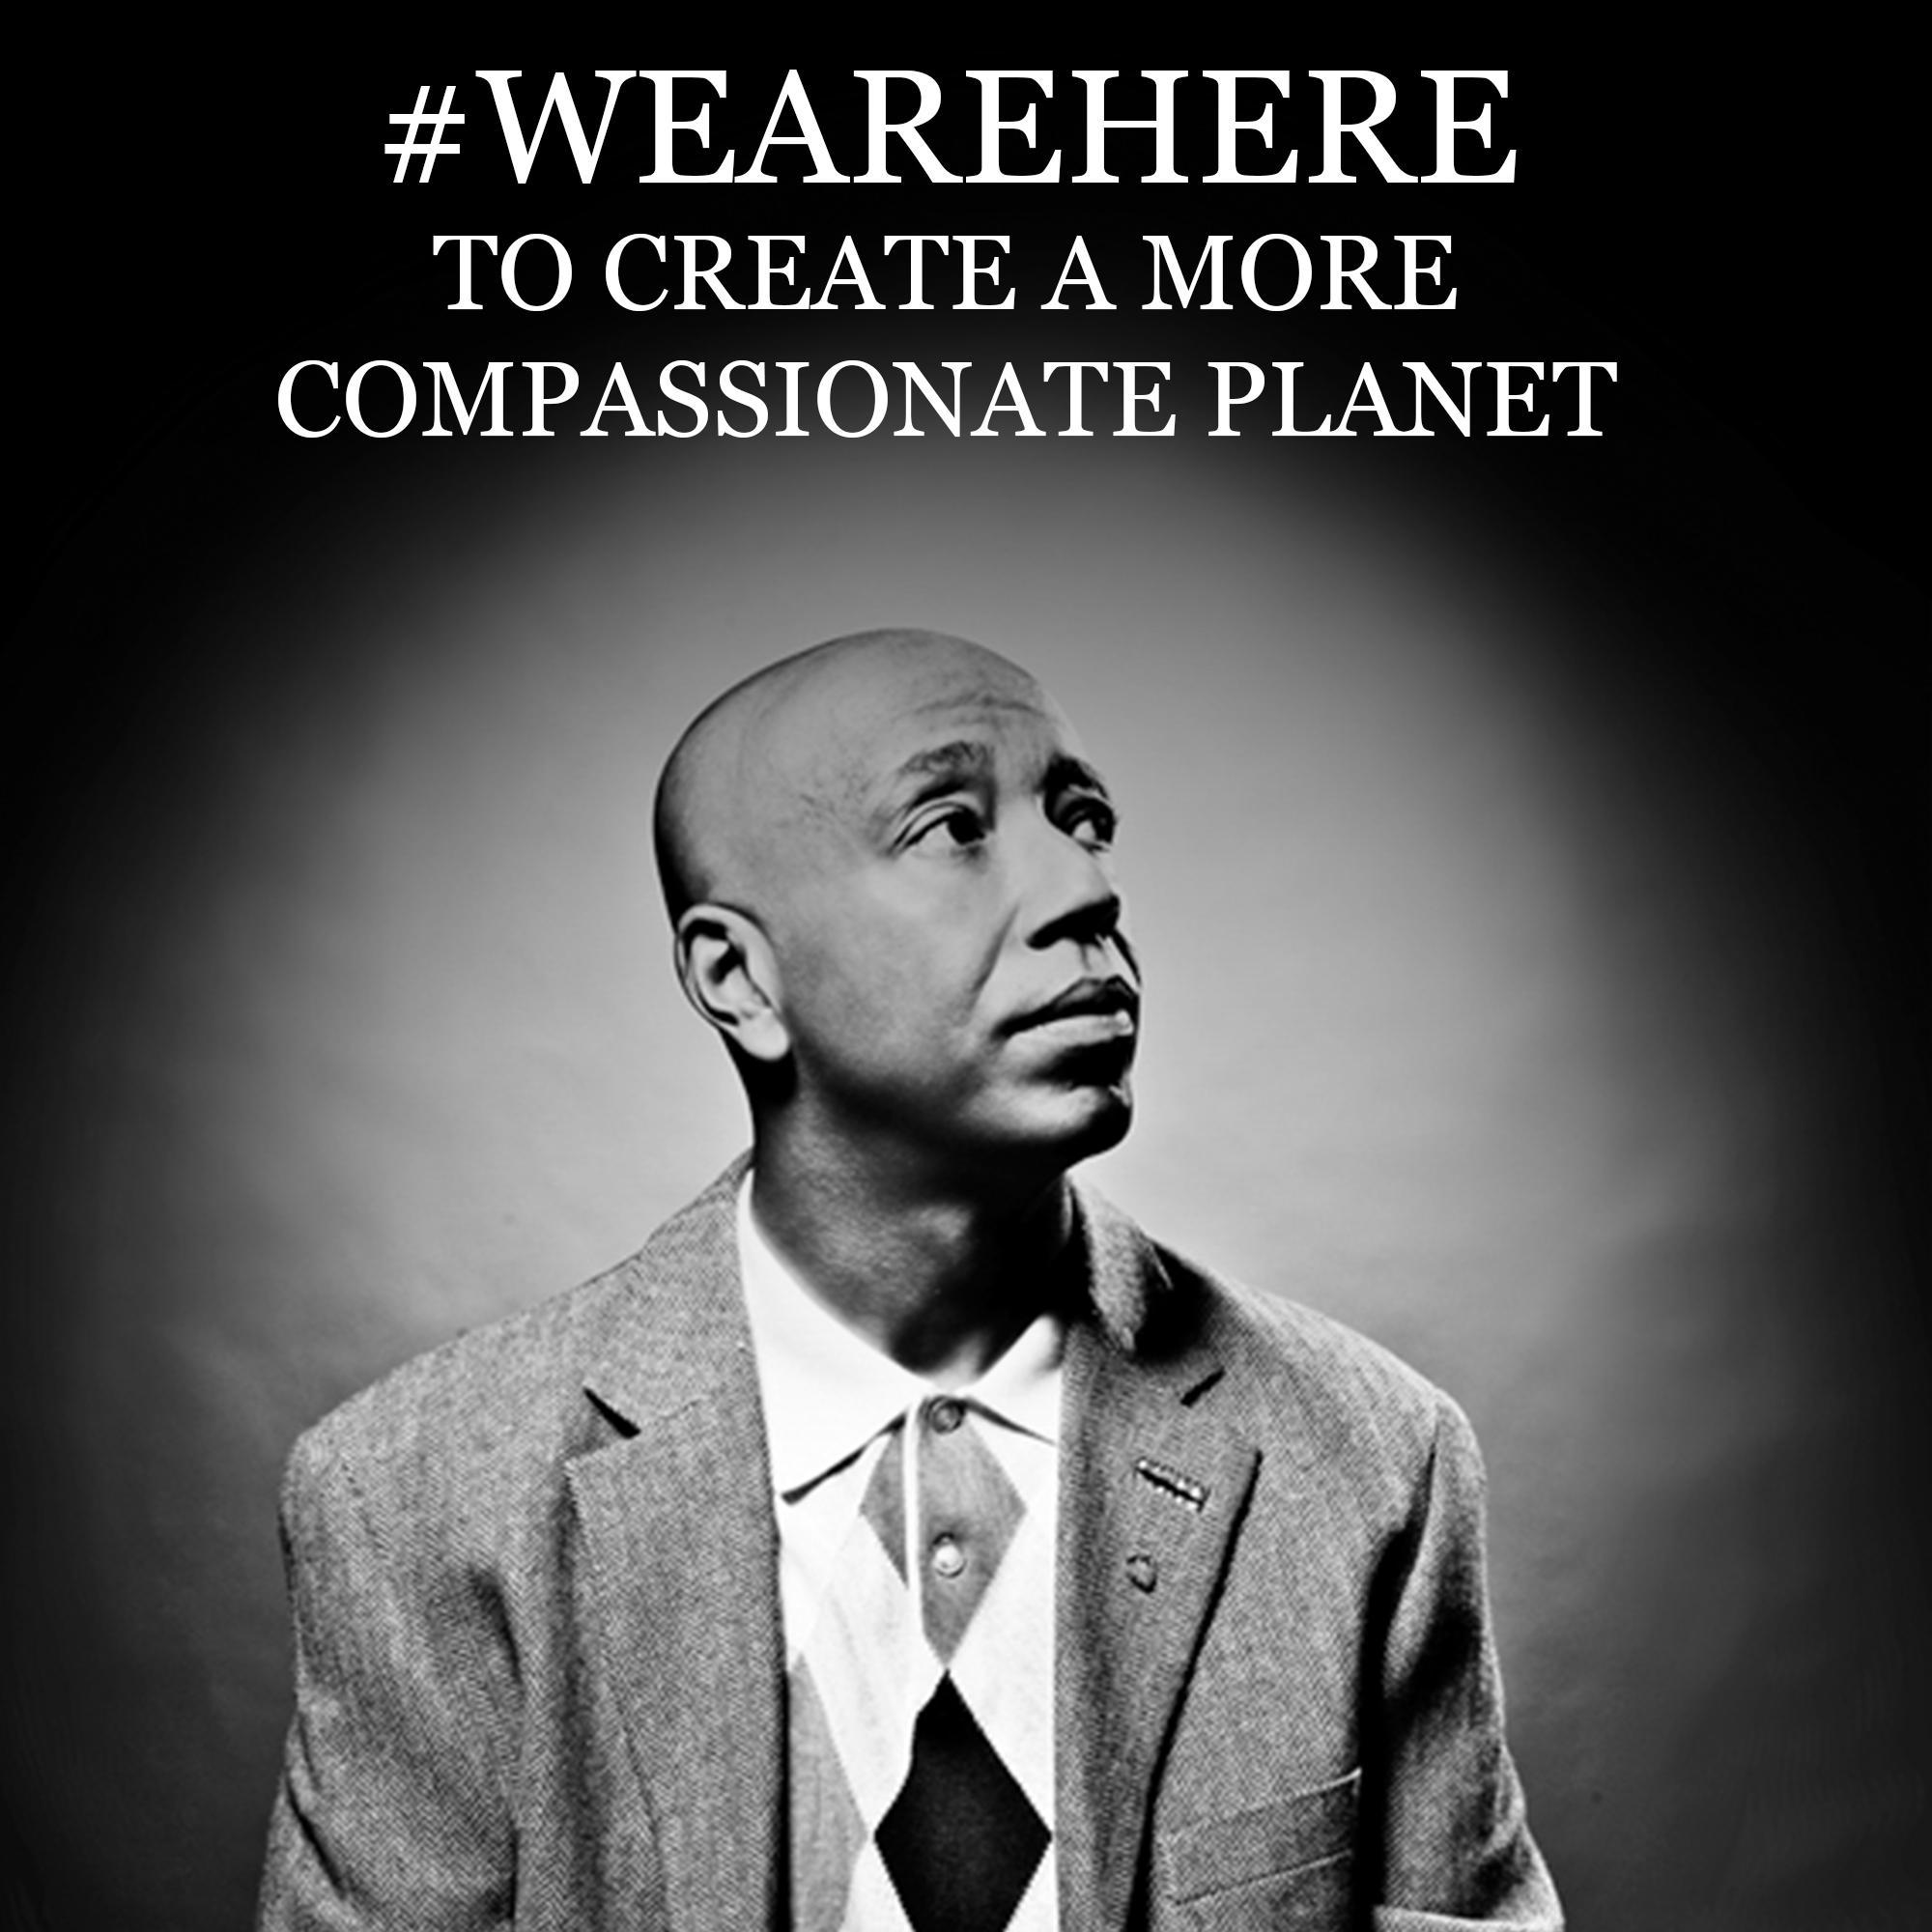 #WeAreHere to create a more compassionate planet. (cc: @aliciakeys) http://t.co/La6xWDPa1e